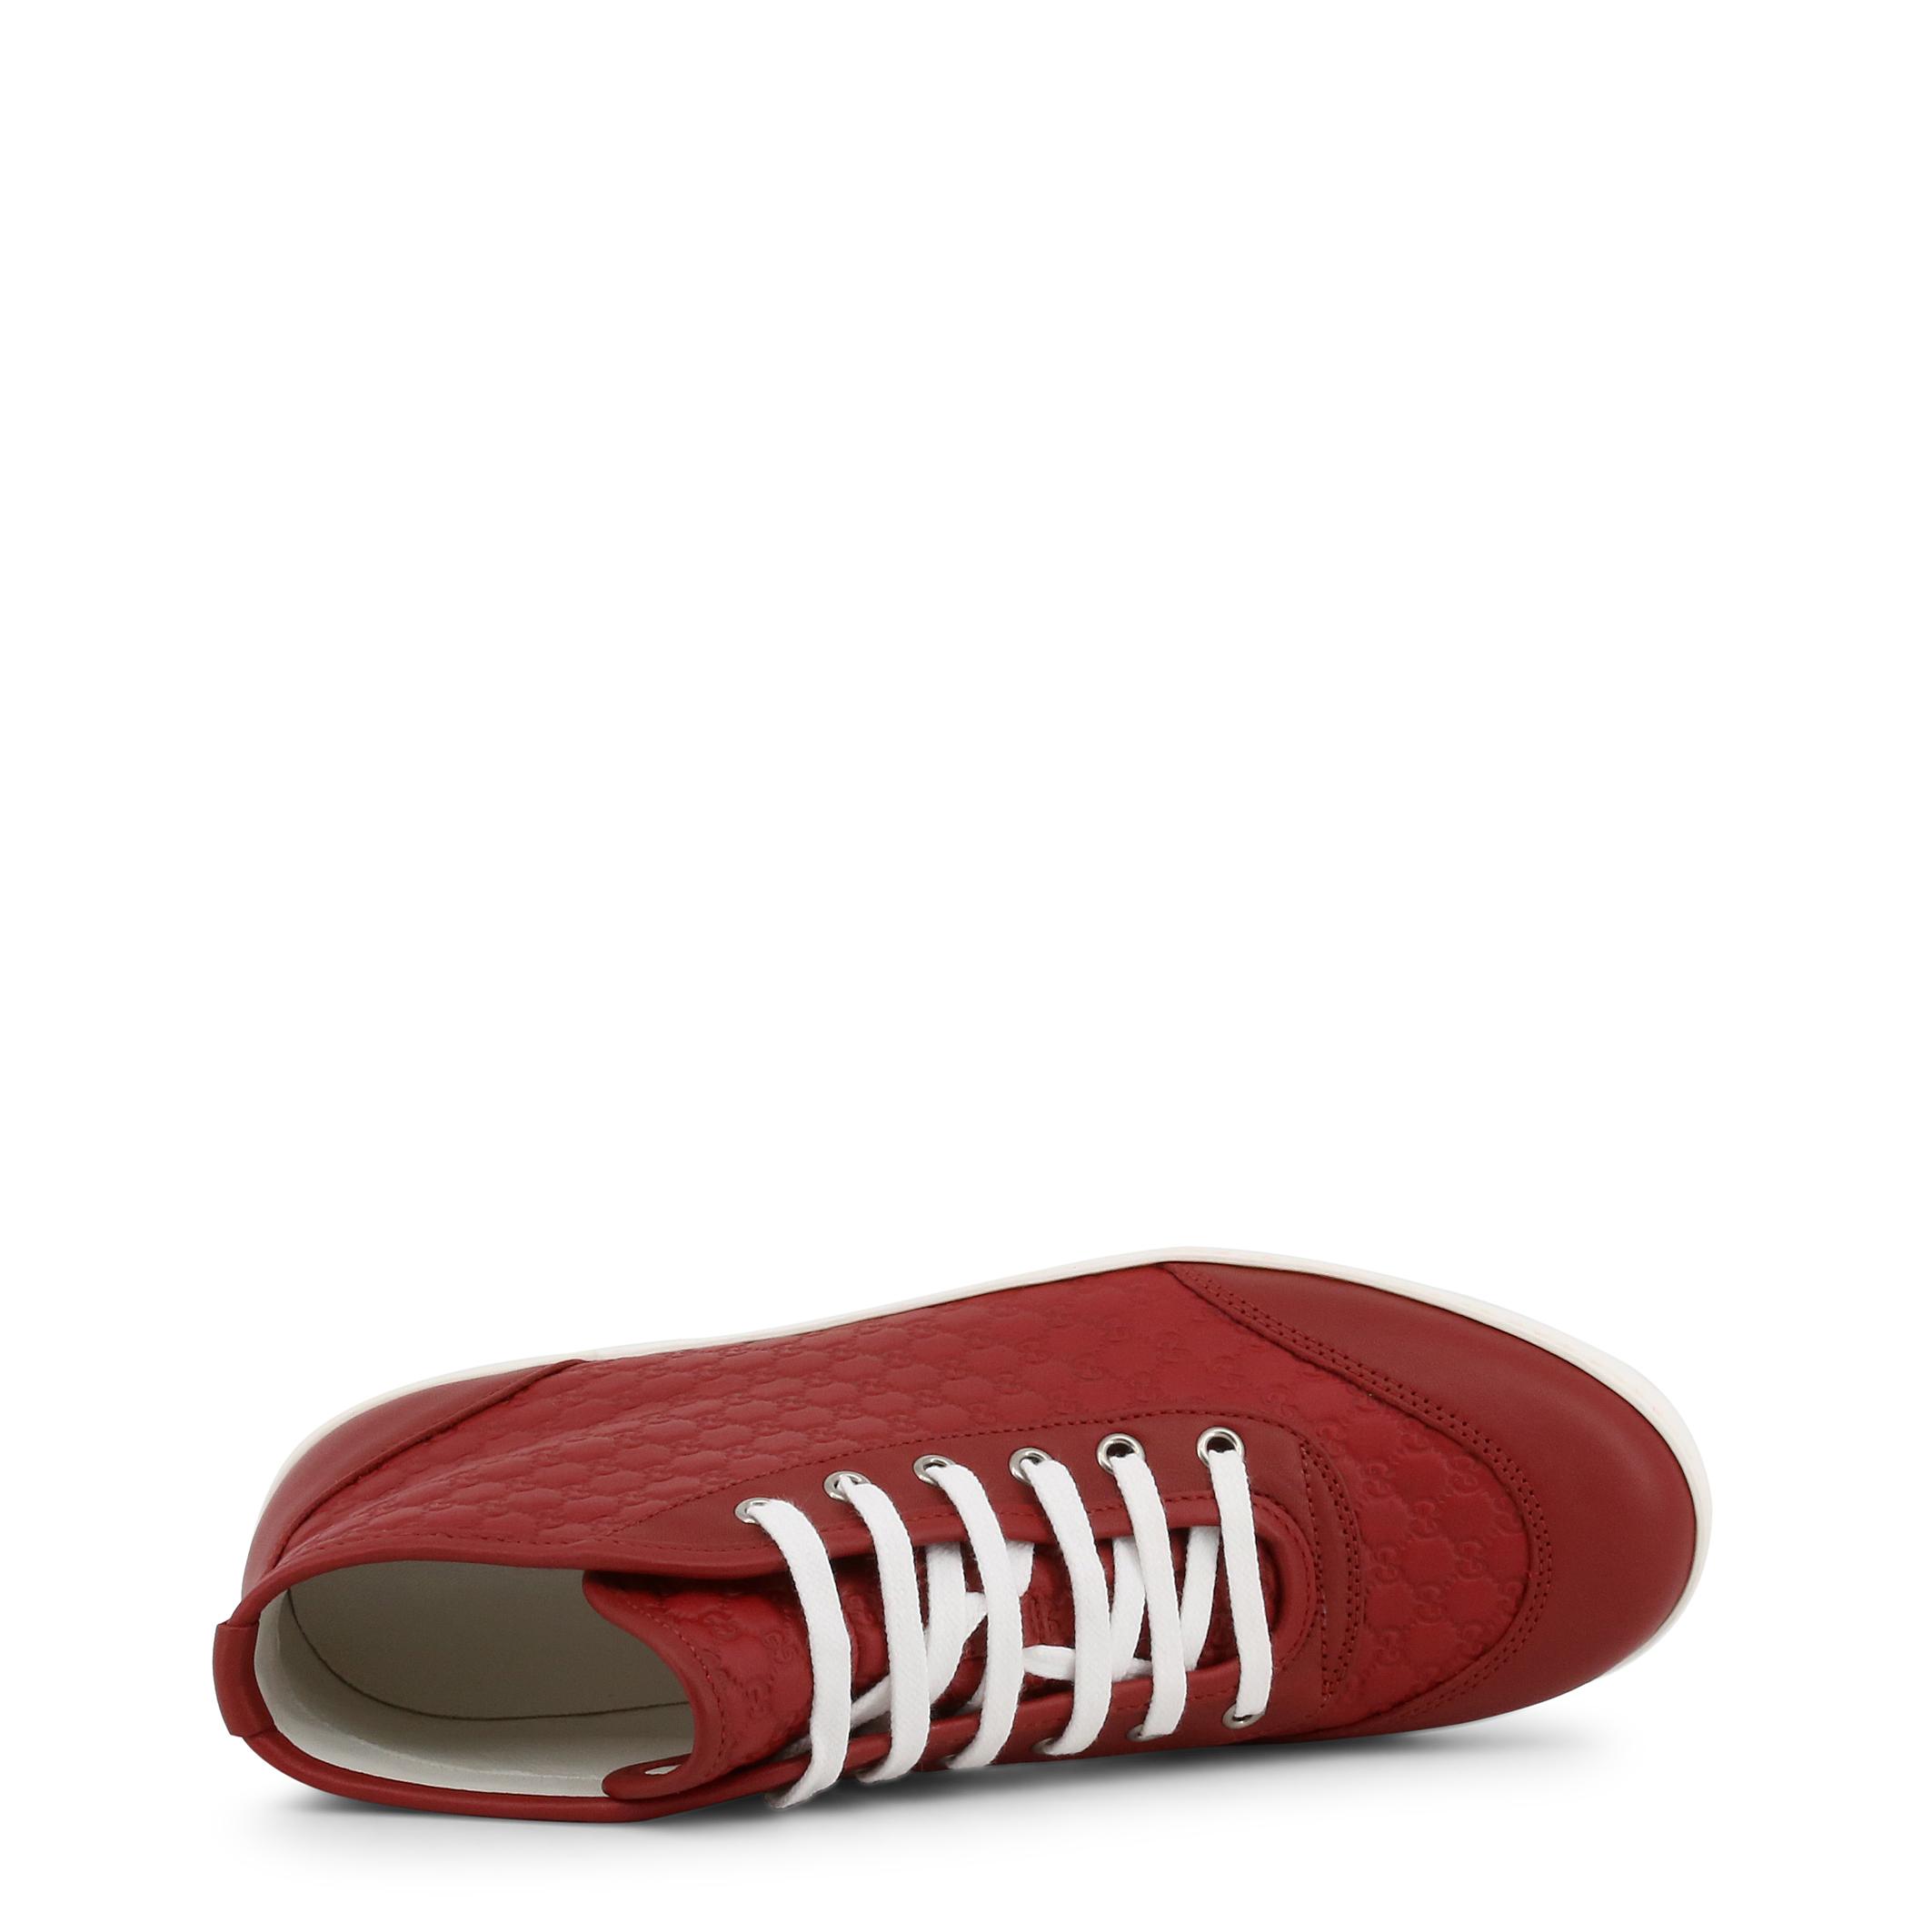 Sneakers-Gucci-391499-A9LF0-Donna-Rosso-100173 miniatura 3